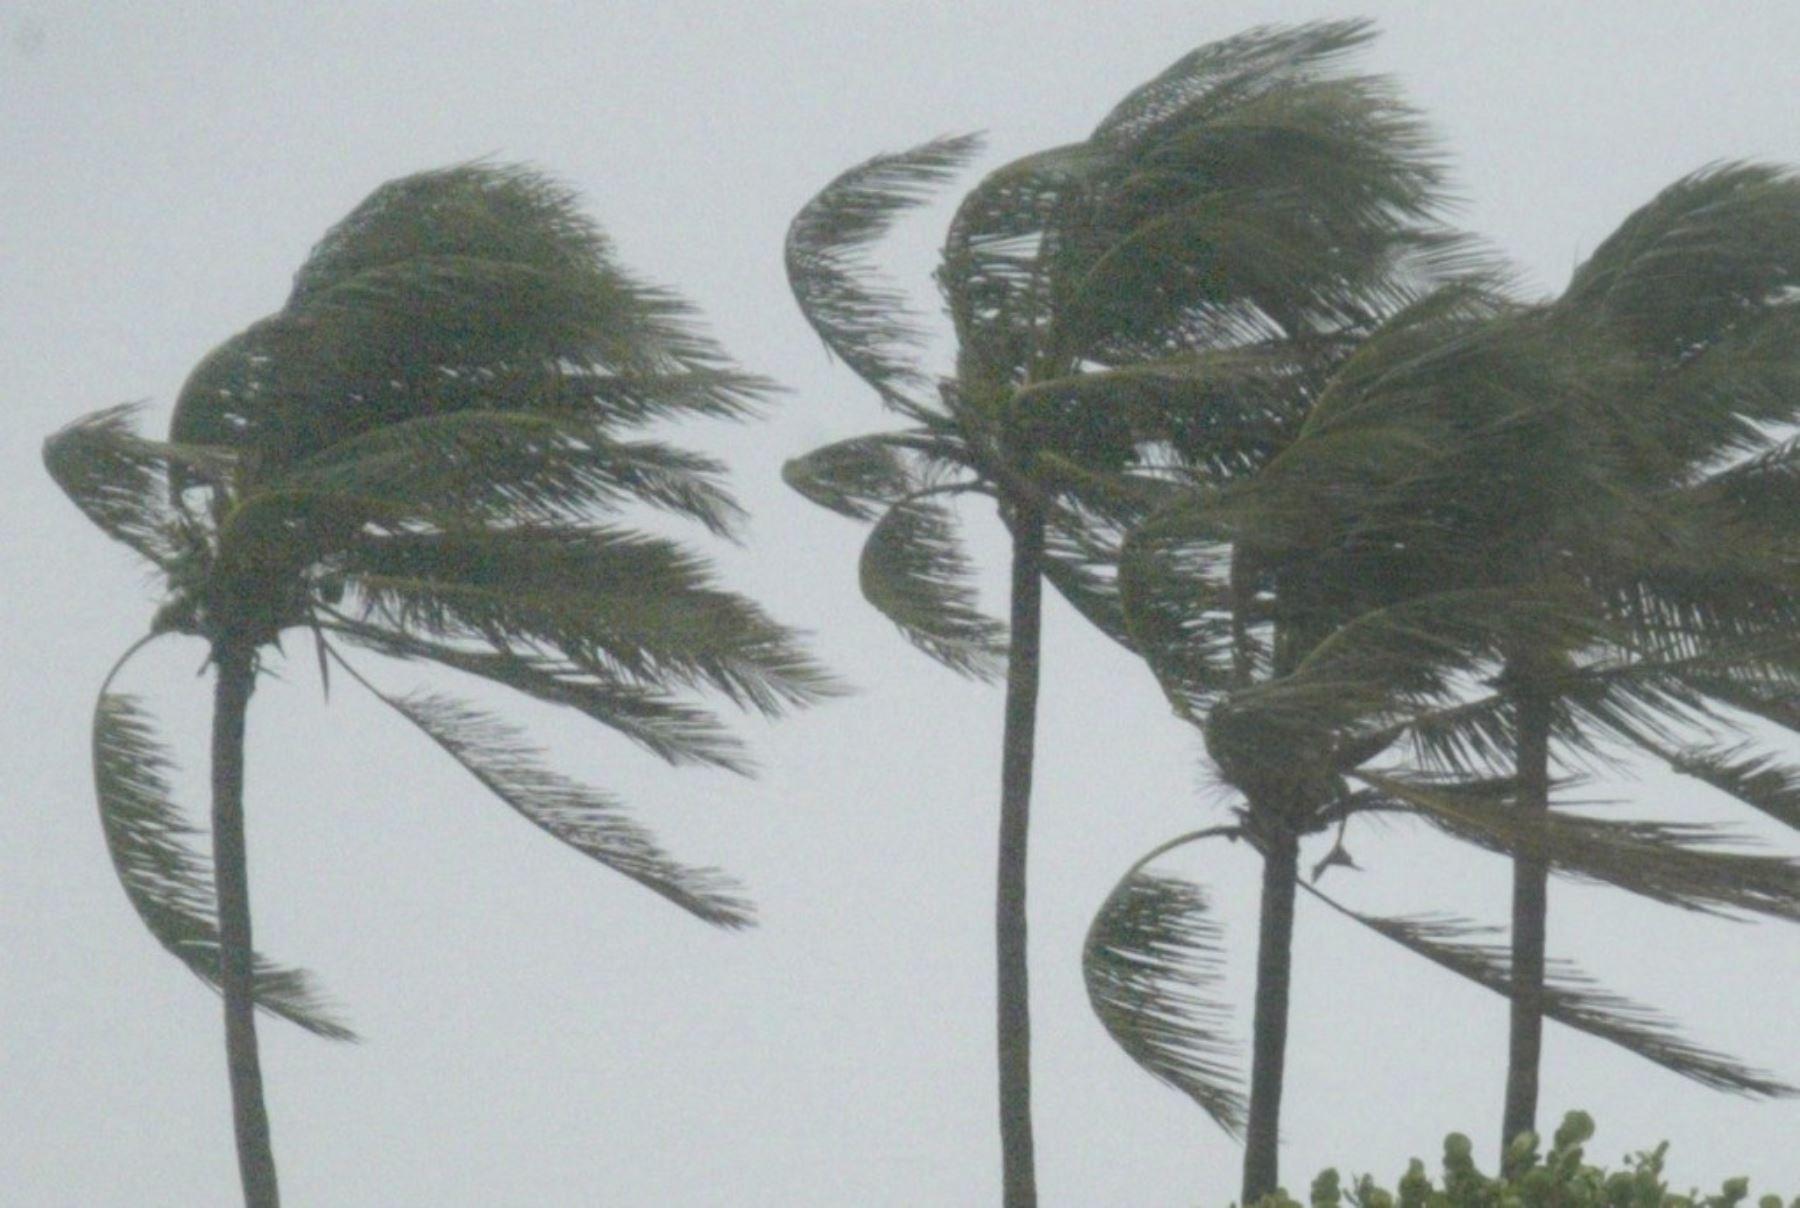 Desde este mediodía hasta el martes 2 de octubre se prevé el incremento del viento en la costa, desde Lima hasta Tacna. Los valores más intensos se registrarán mañana 1 de octubre en la costa central, con velocidades sobre los 20 kilómetros por hora en los distritos de Lima, y ráfagas superiores a los 50 kilómetros por hora en Ica. ANDINA/Difusión